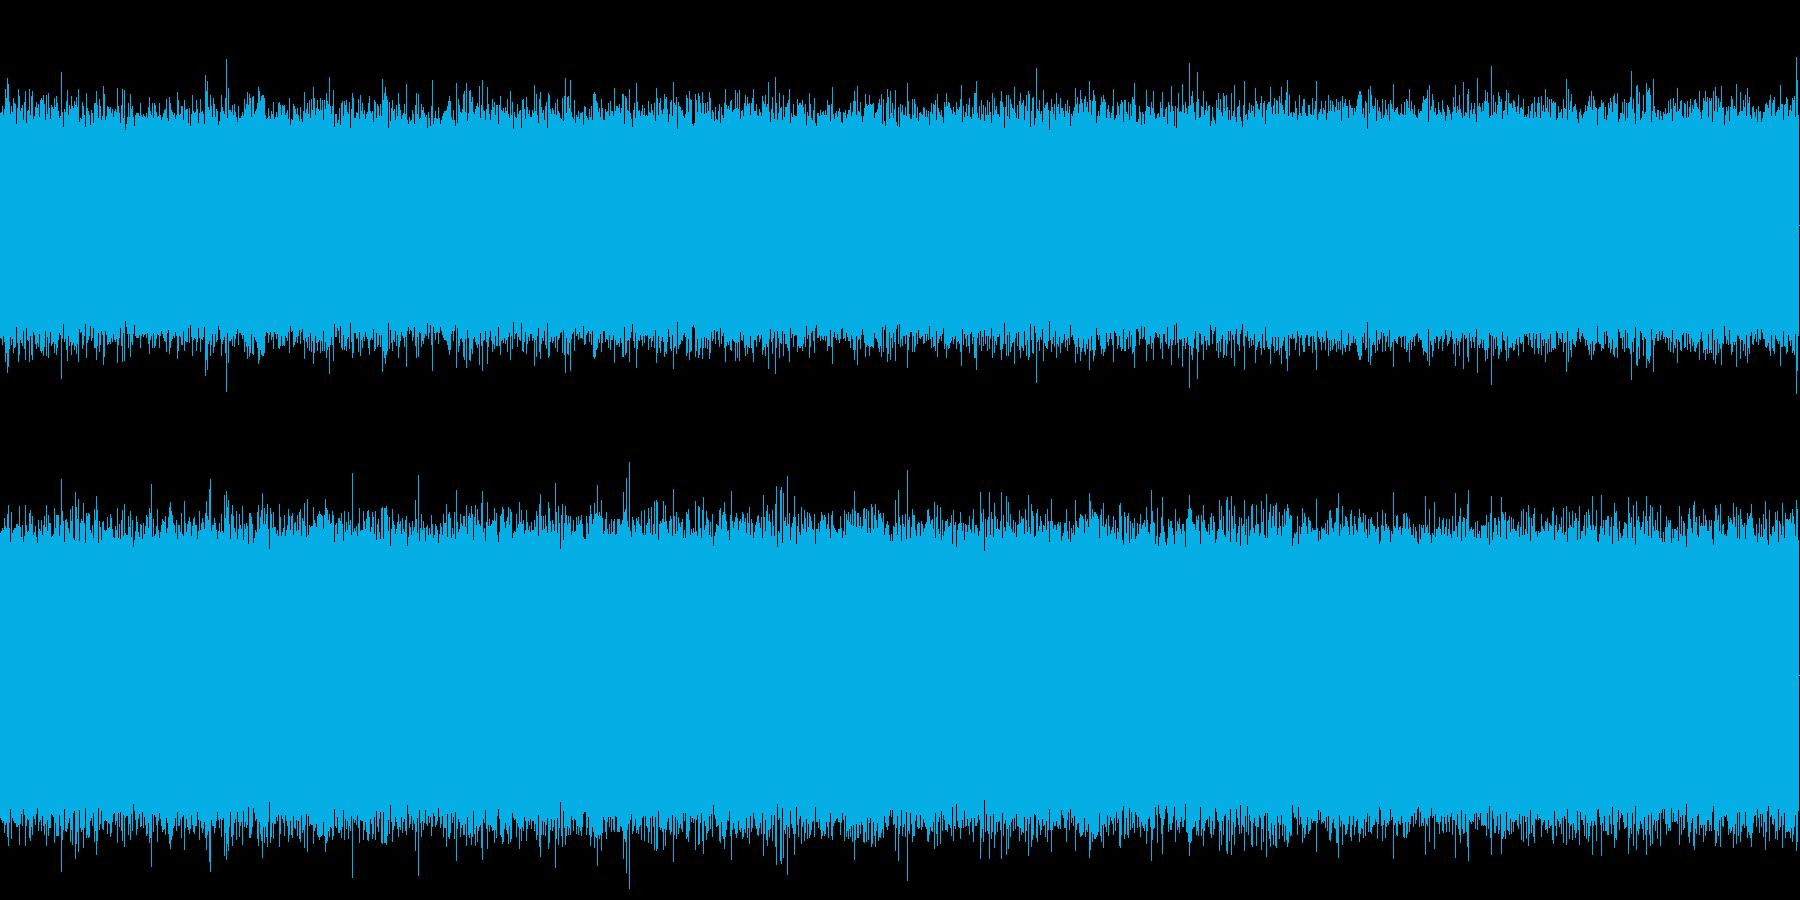 掃除機動作中の再生済みの波形